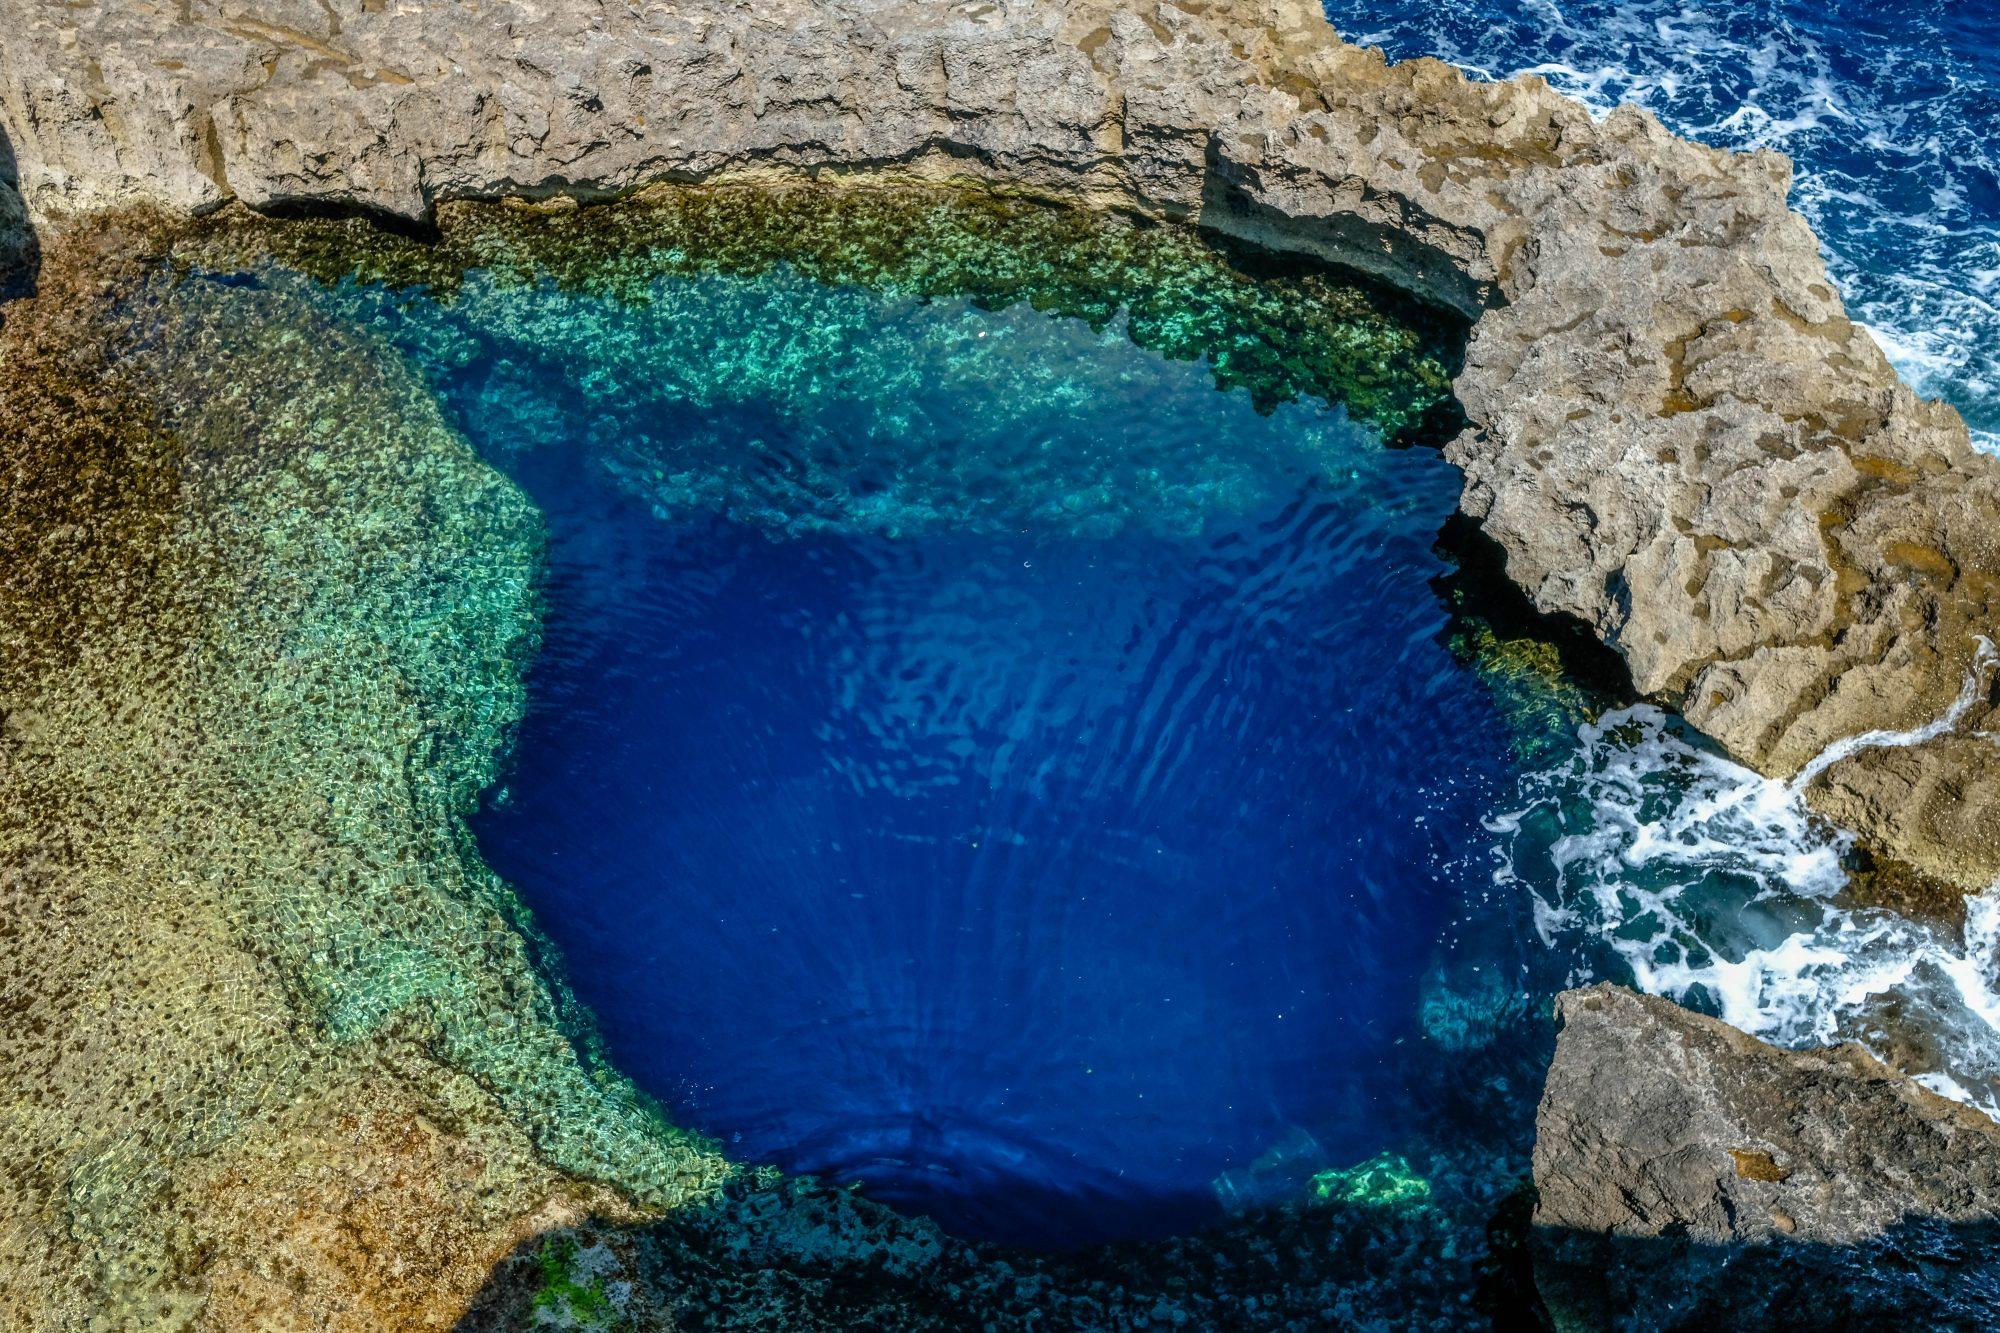 Un lieu magnifique à faire quand on va à Malte : Blue Hole